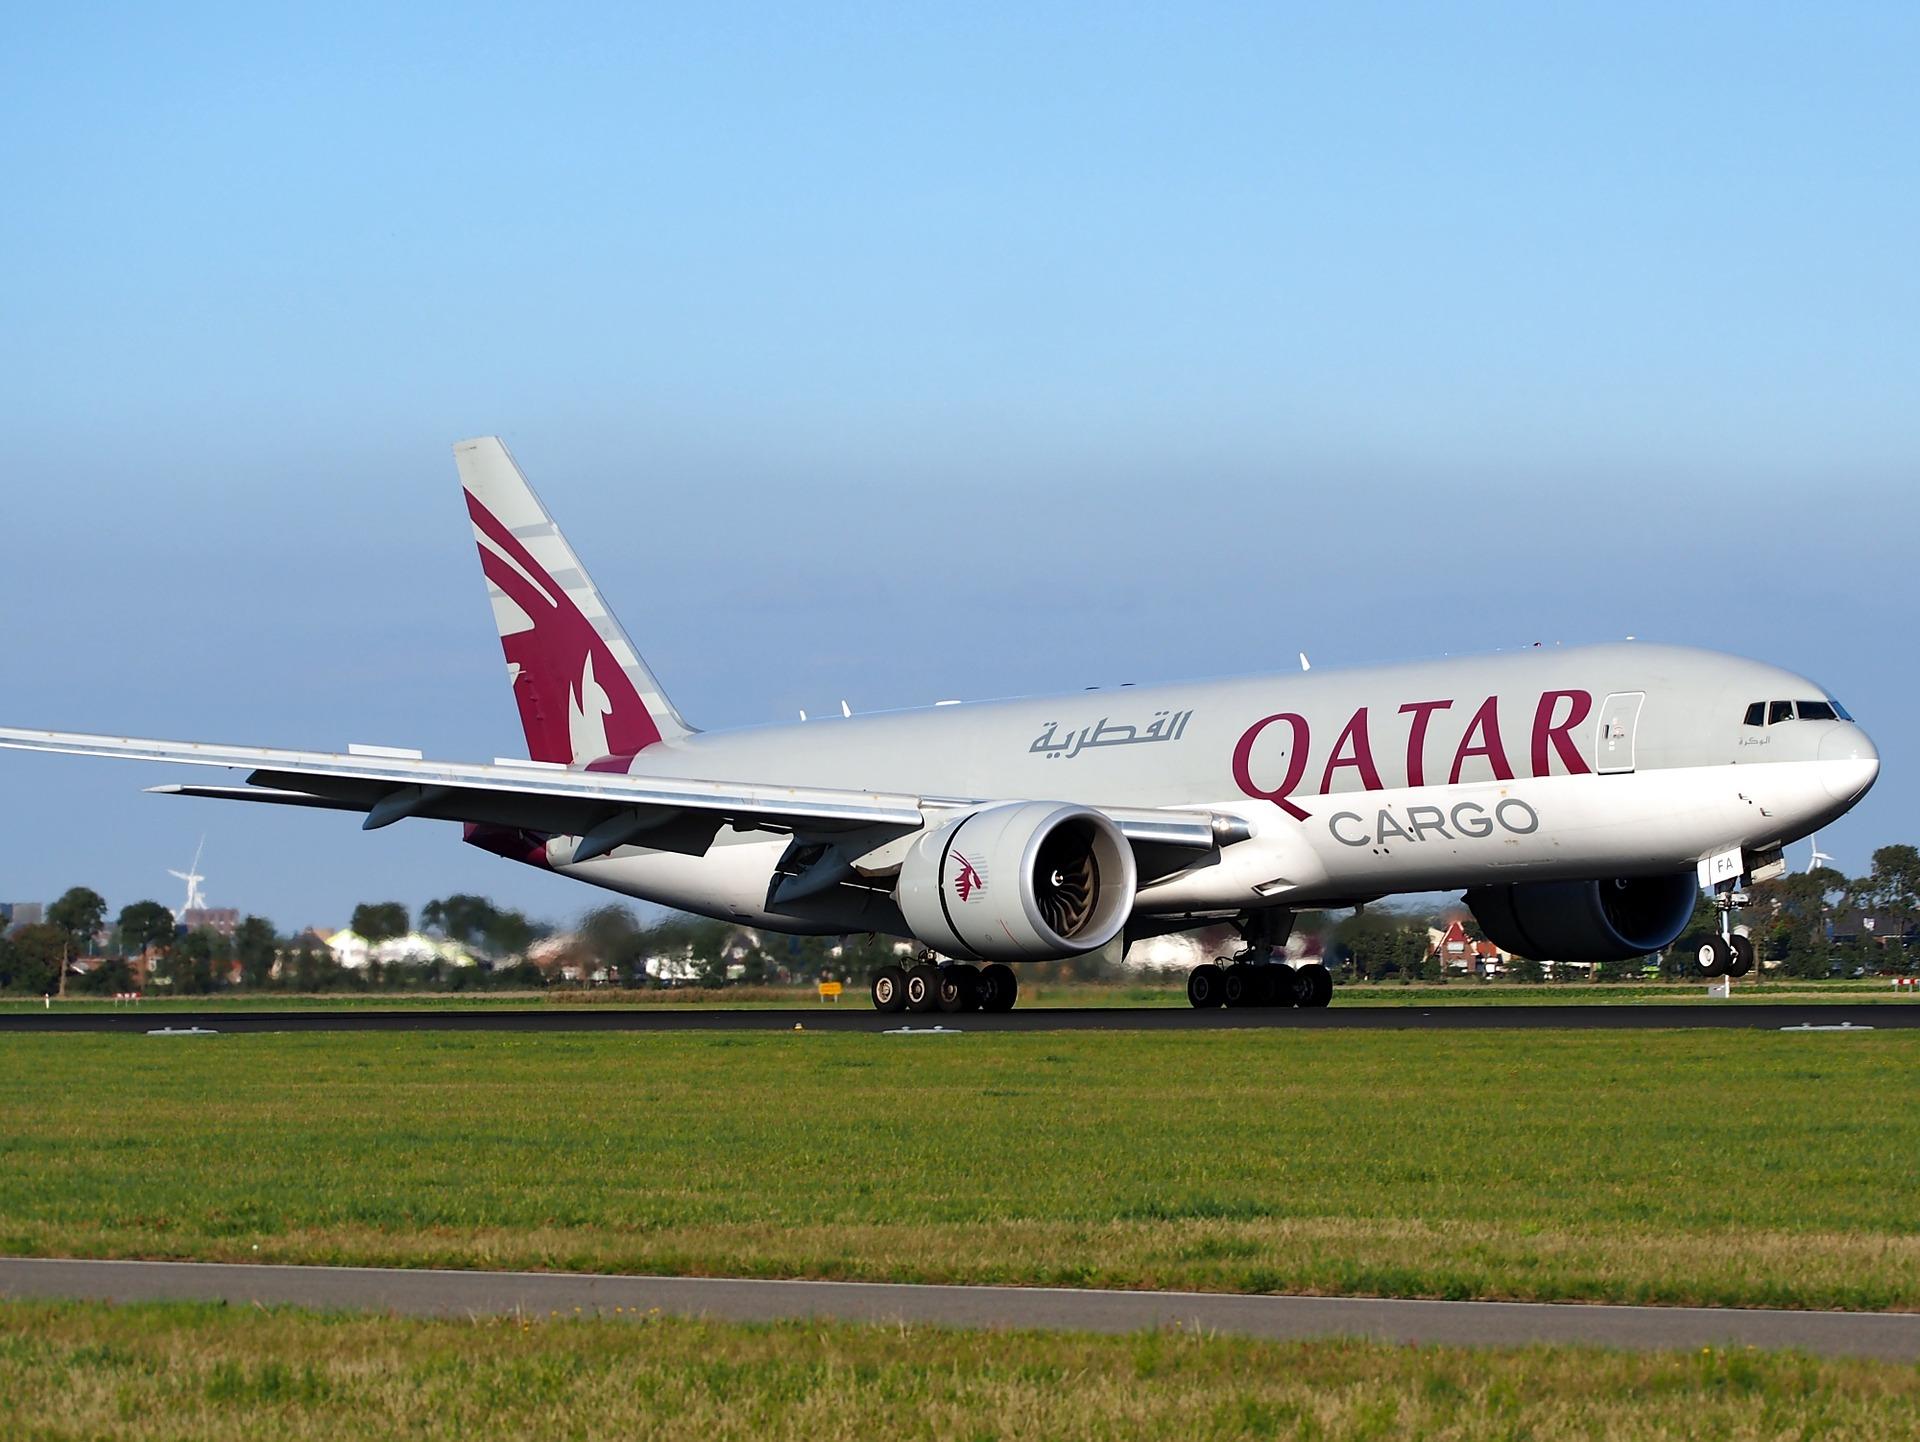 カタール航空の評判は?五つ星認定のビジネスクラスなど実力と魅力を解説!